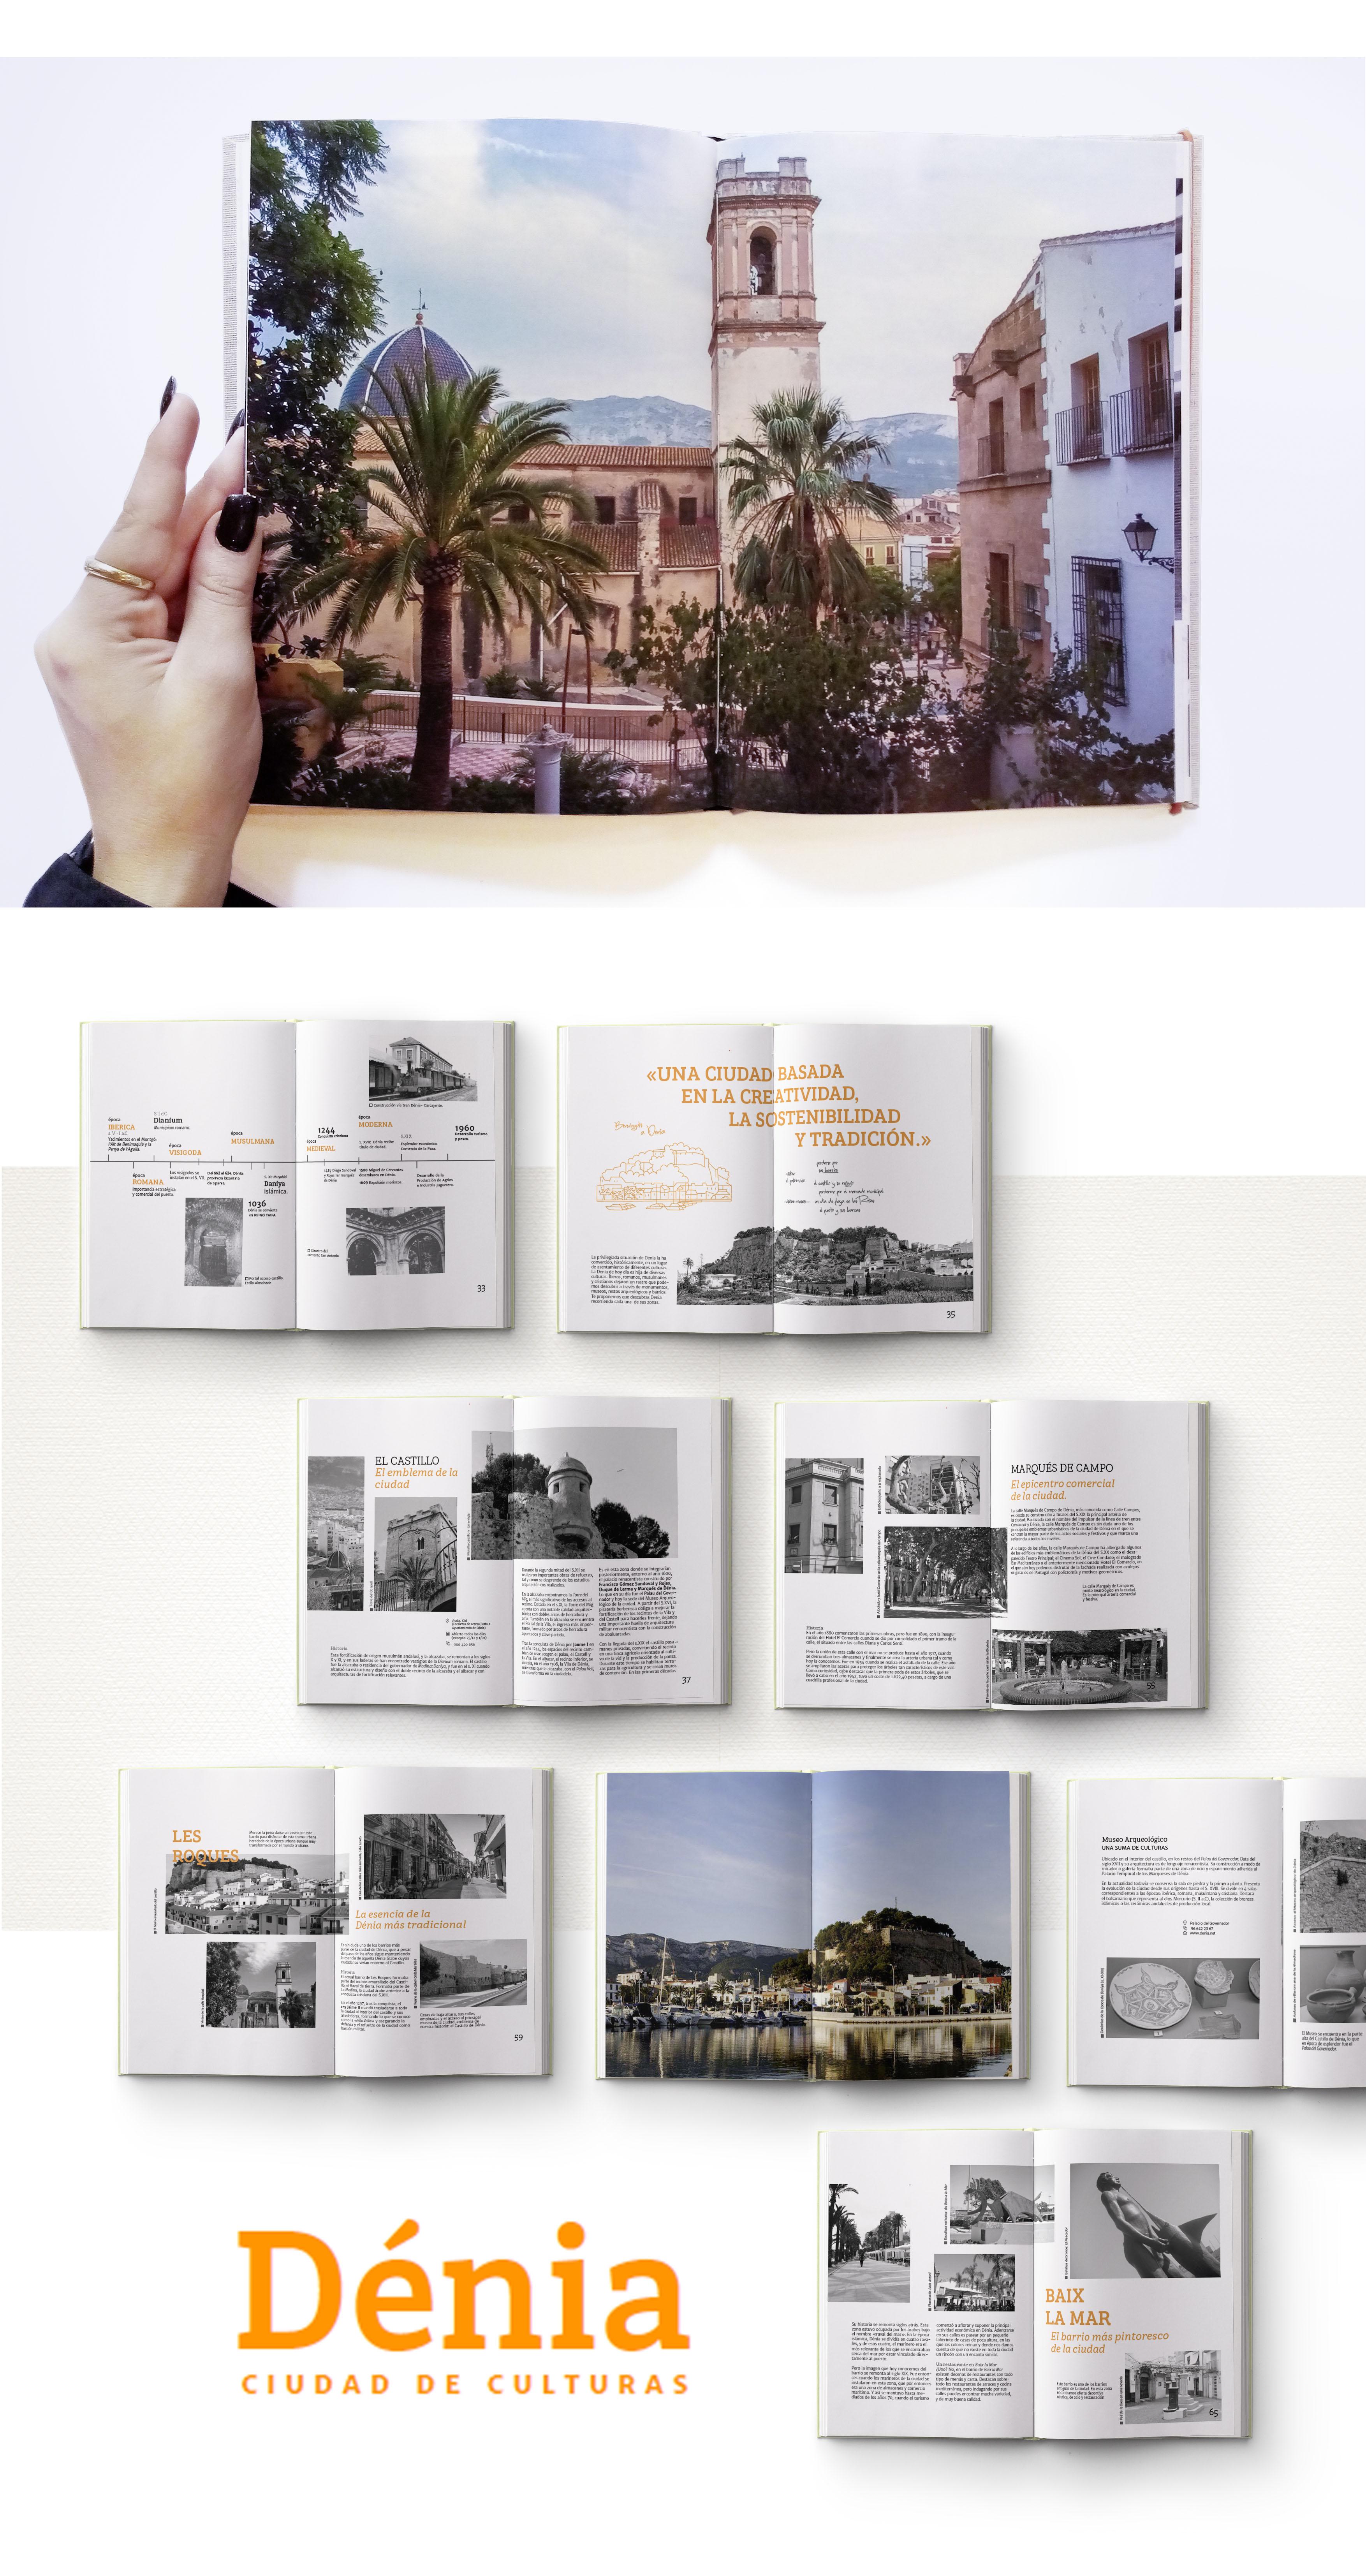 Dénia - Ciudad de culturas by Jose Ferrer Vicens - Creative Work